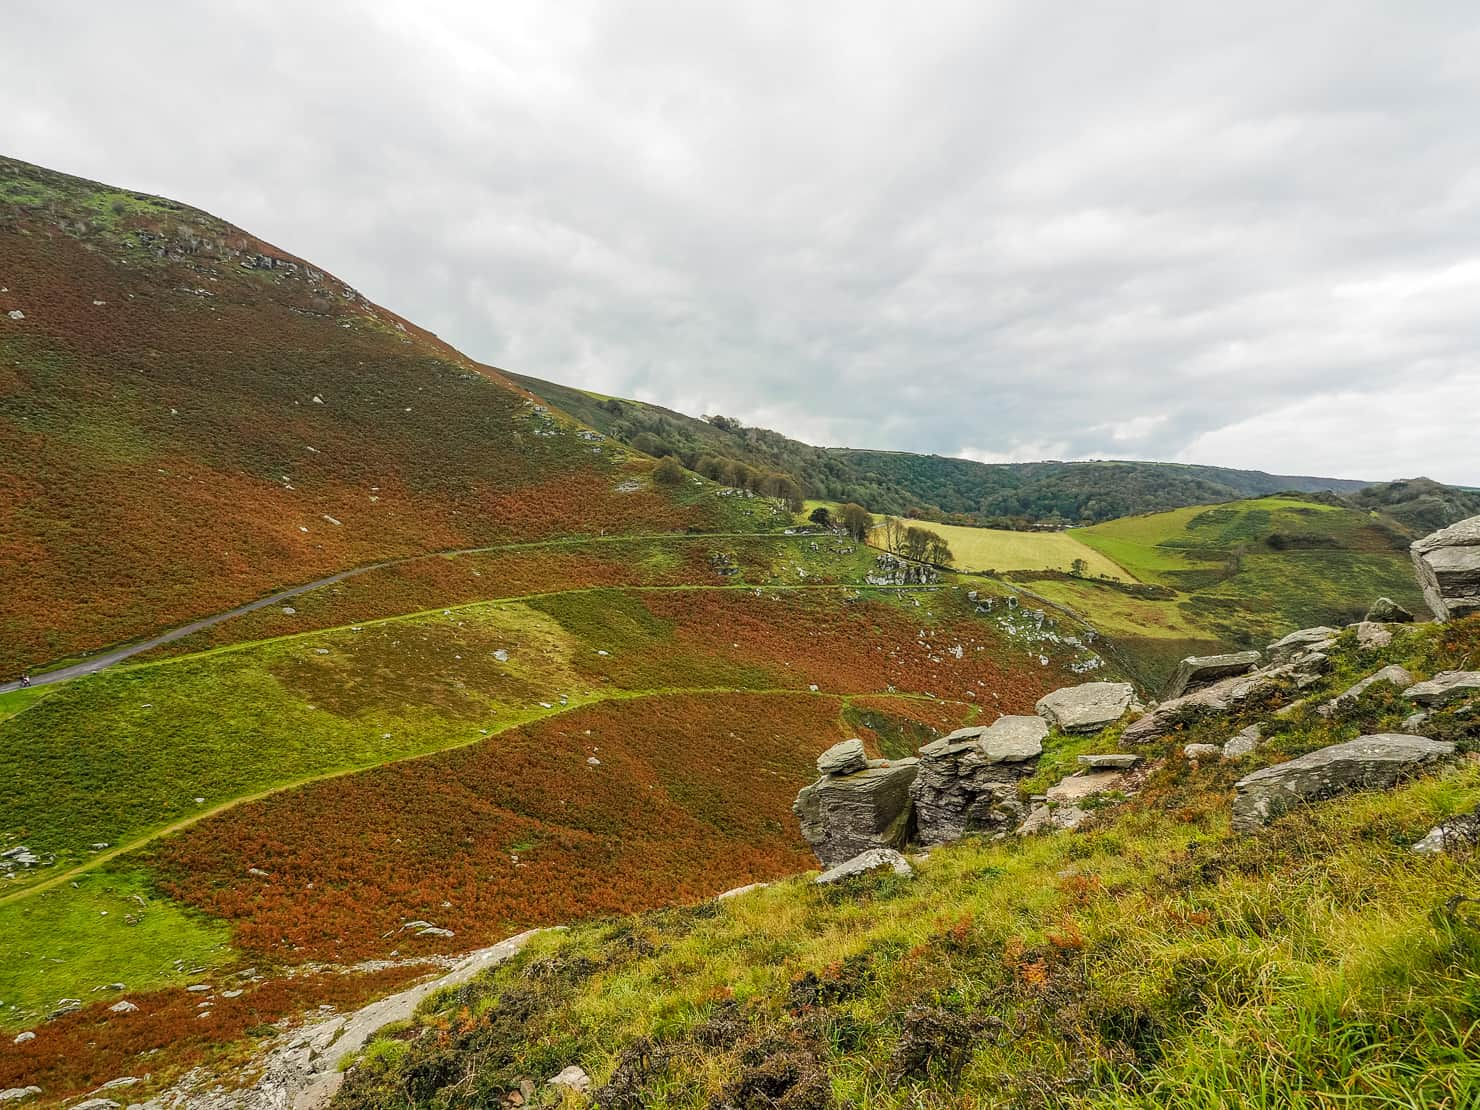 Valley of the Rocks - Exmoor North Devon